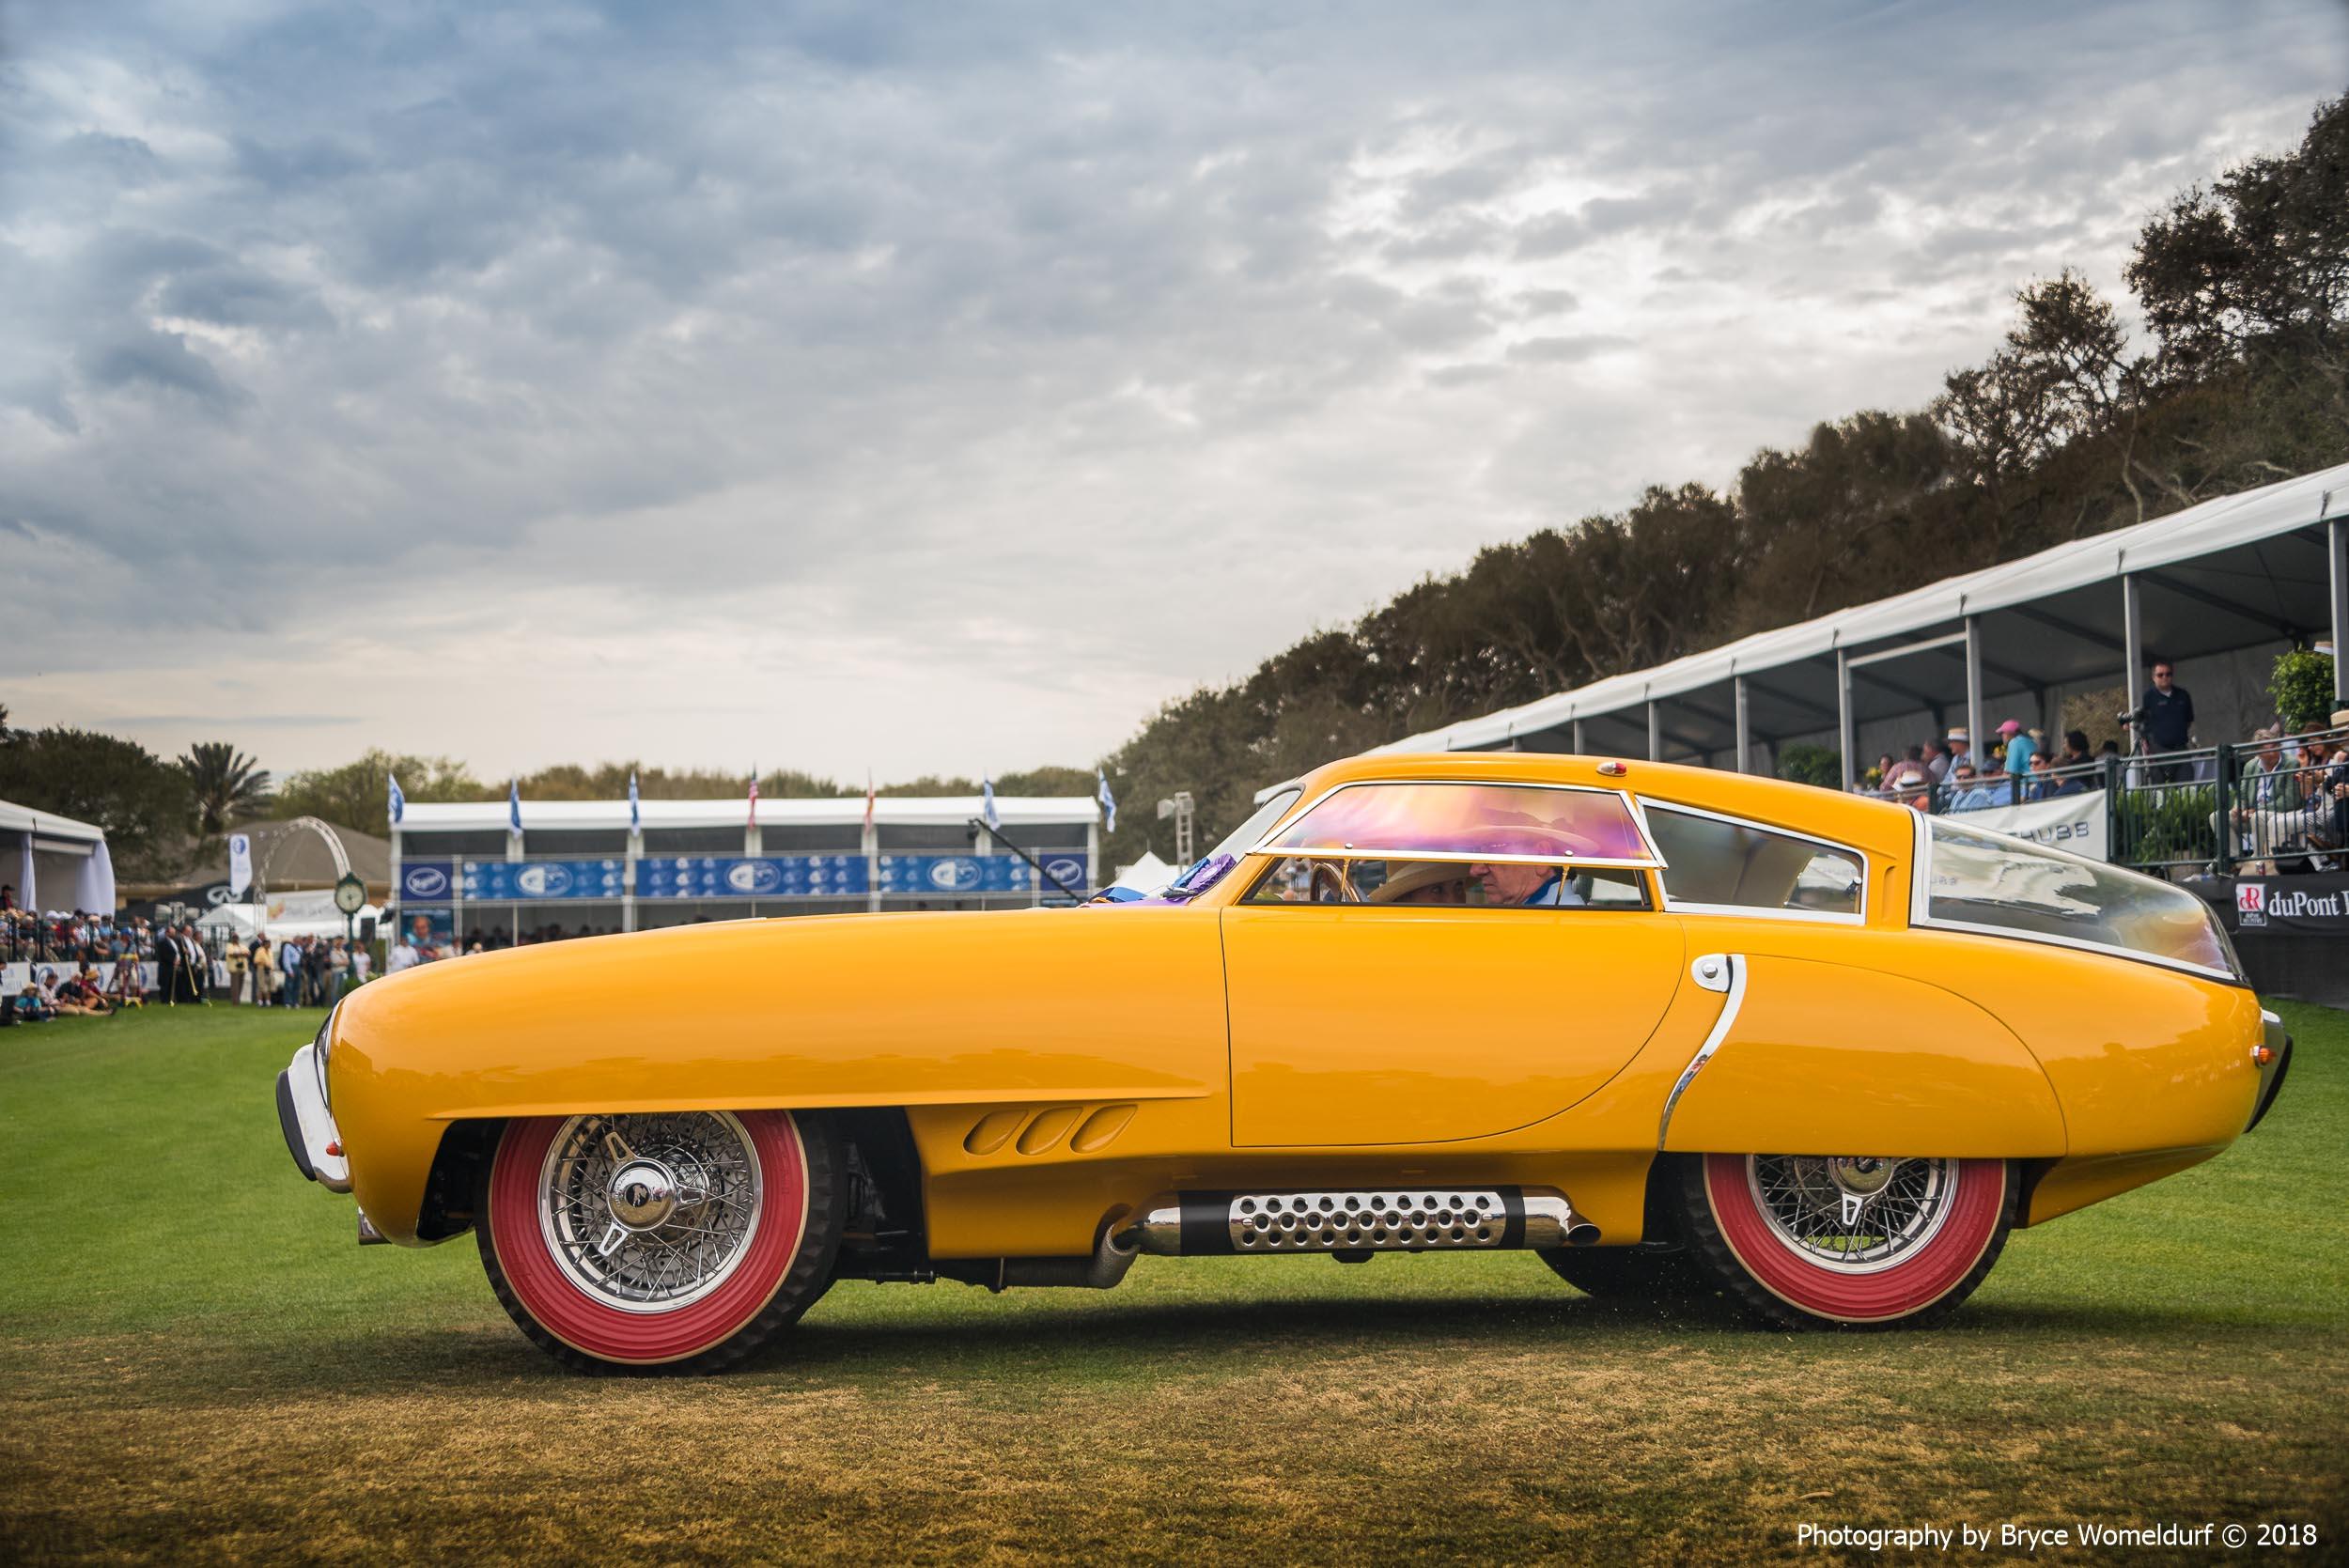 1952 Pegaso Z-102 Cupola